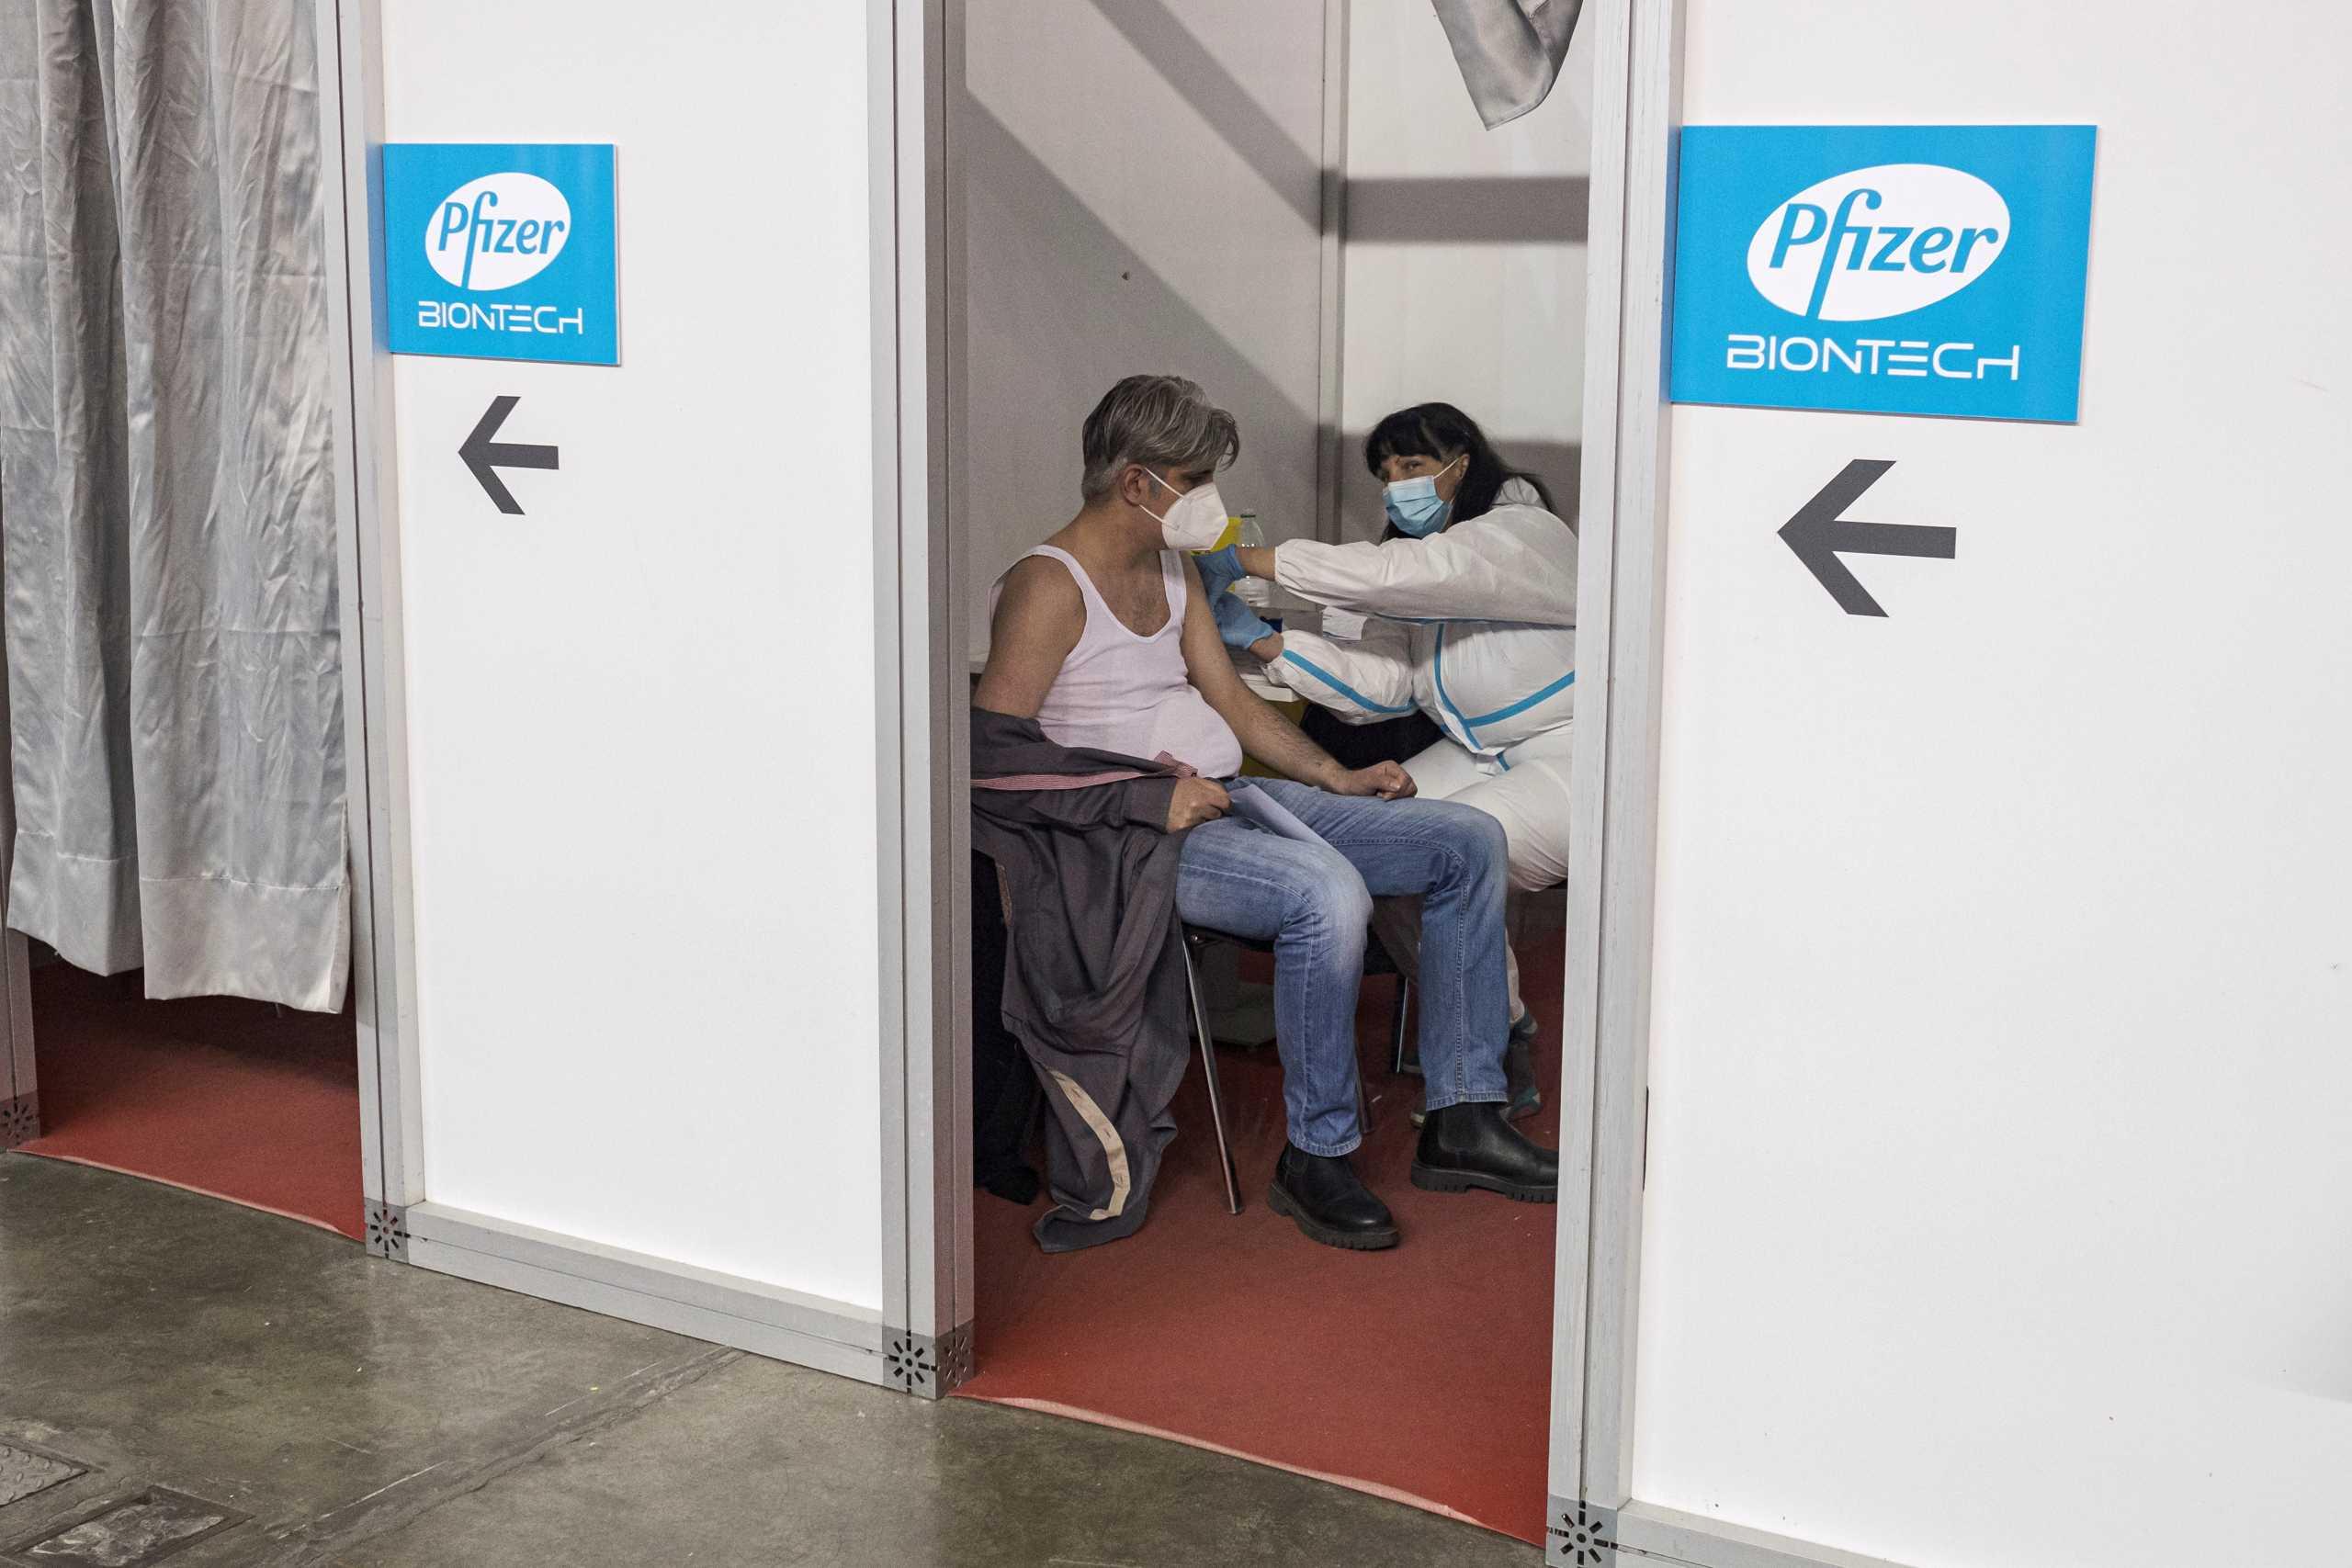 Κορονοϊός: Η Biontech ετοιμάζει εμβόλιο και για τις τυχόν νέες παραλλαγές του κορονοϊού